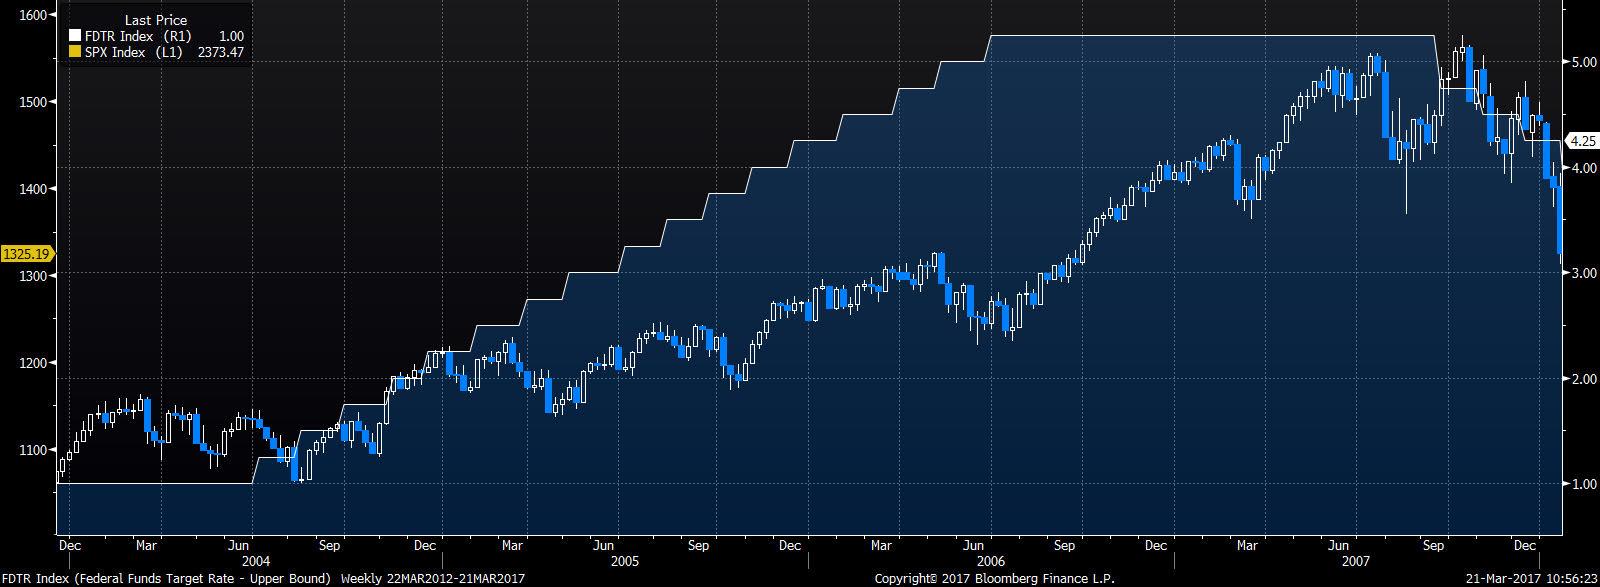 Zacieśnianie monetarne 2004-2006